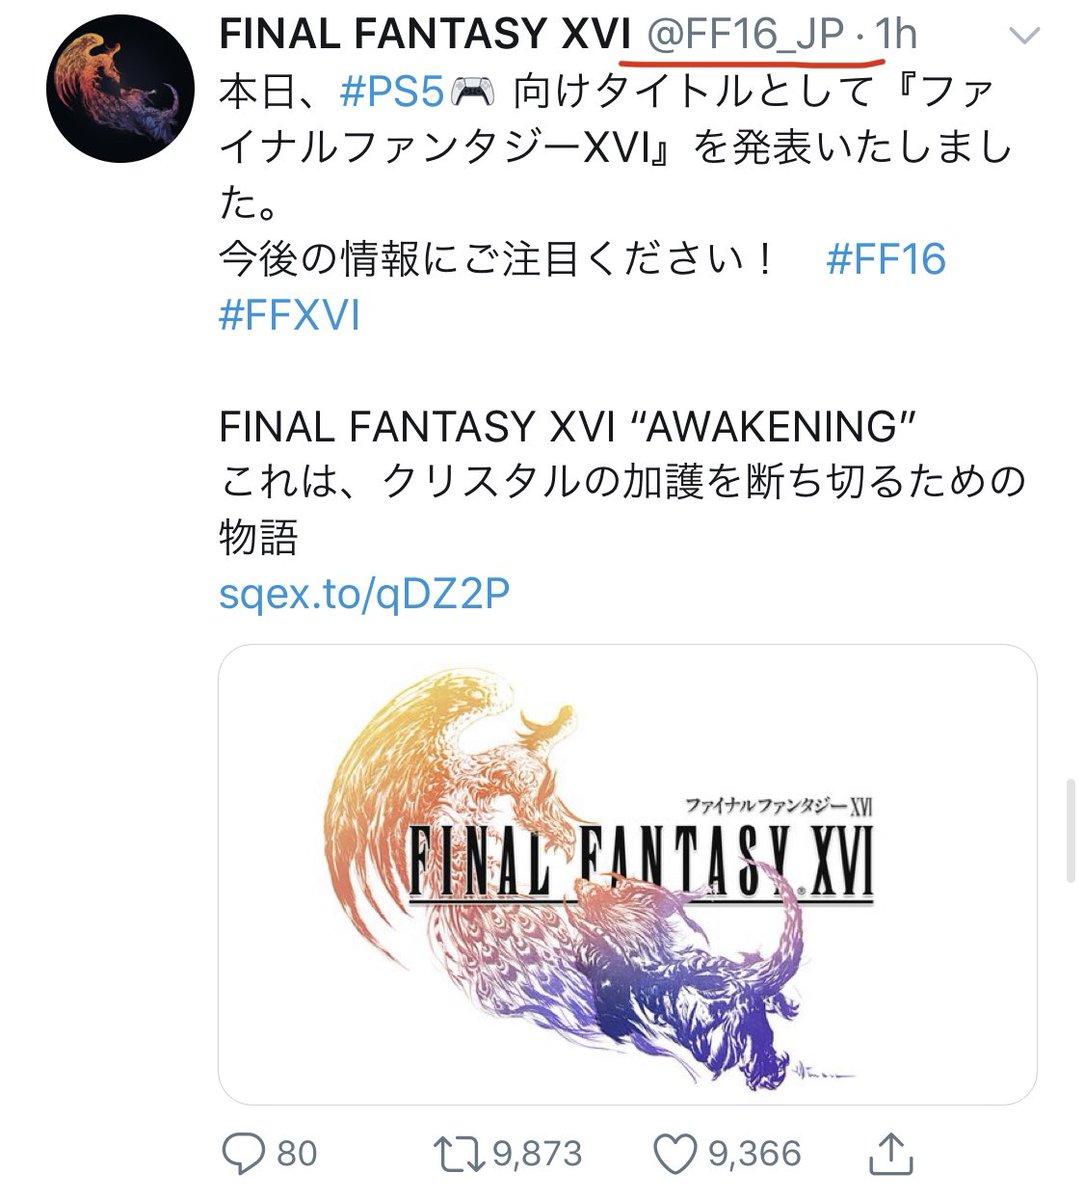 ☆オードリーAudrey☆ on Twitter: